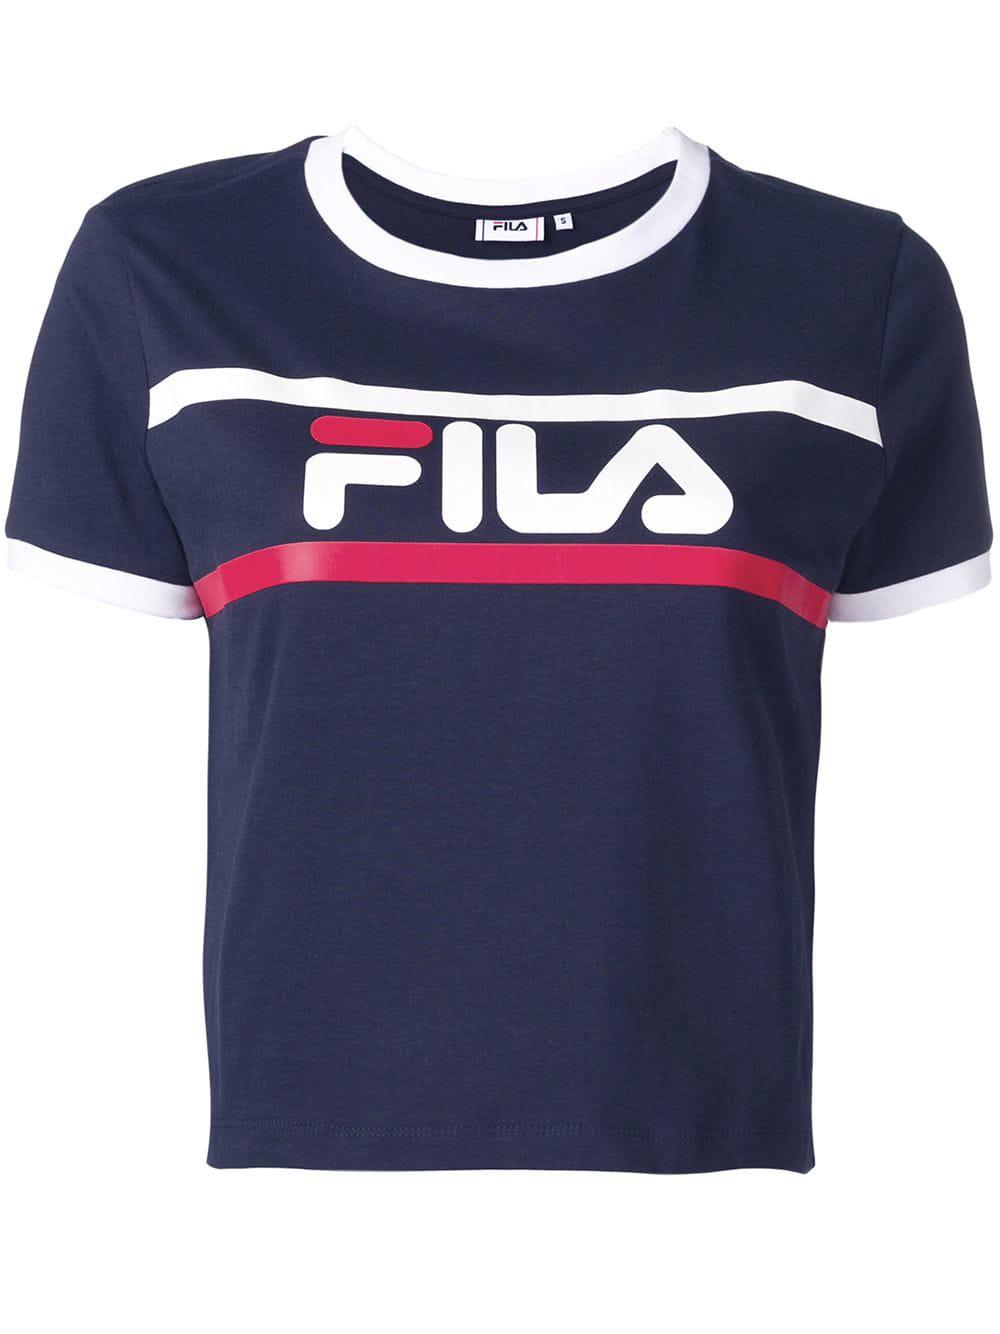 25dfce32 Fila Logo Print T-Shirt - Blue | ModeSens